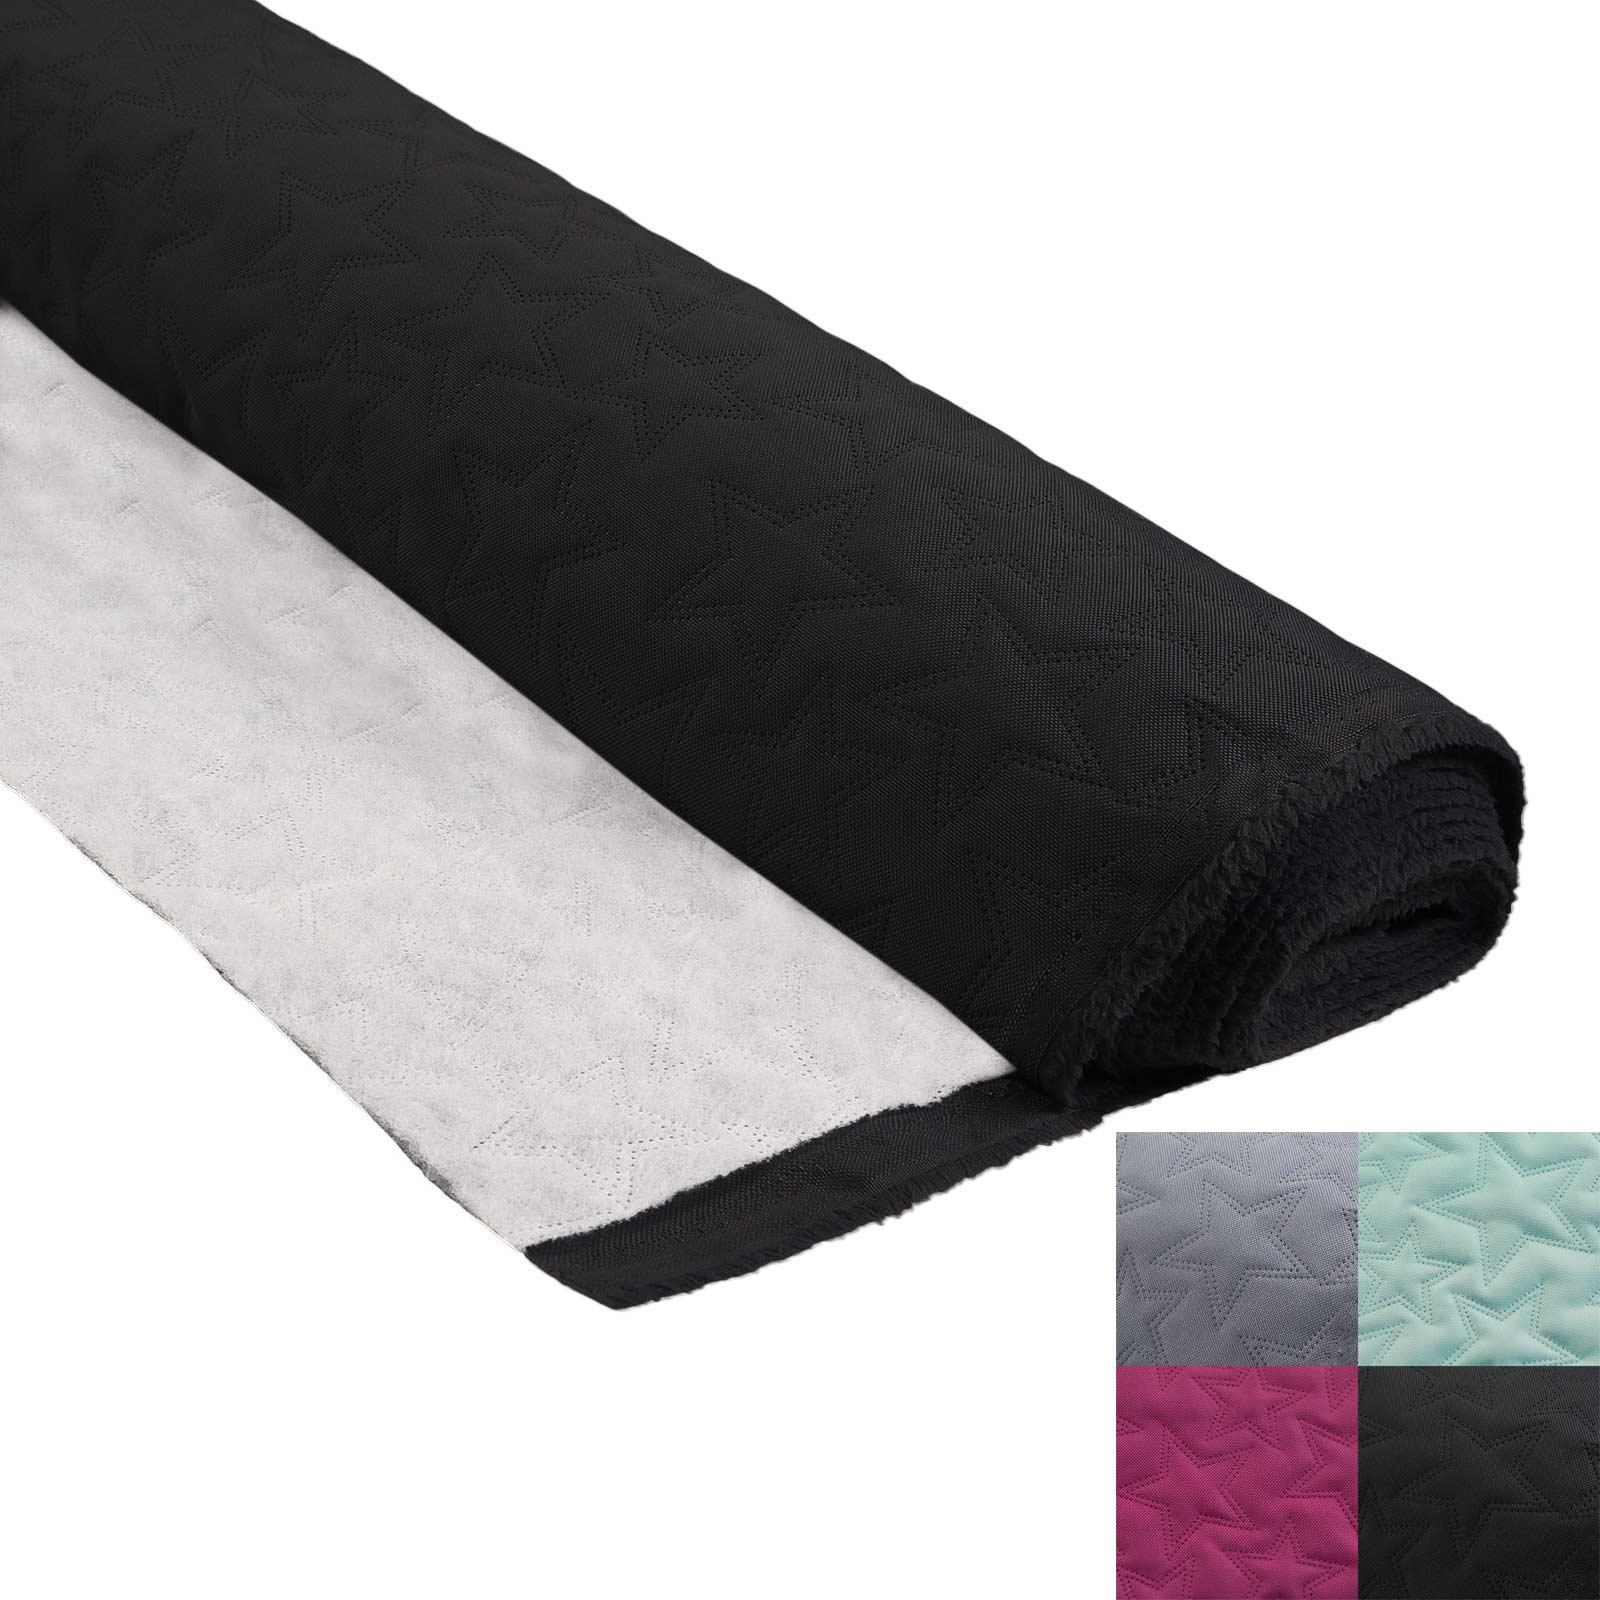 1m Steppstoff Muster Stern Steppfutter 160cm Meterware Oxford 600D PU-beschichtet Polsterstoff Farbwahl – Bild 2